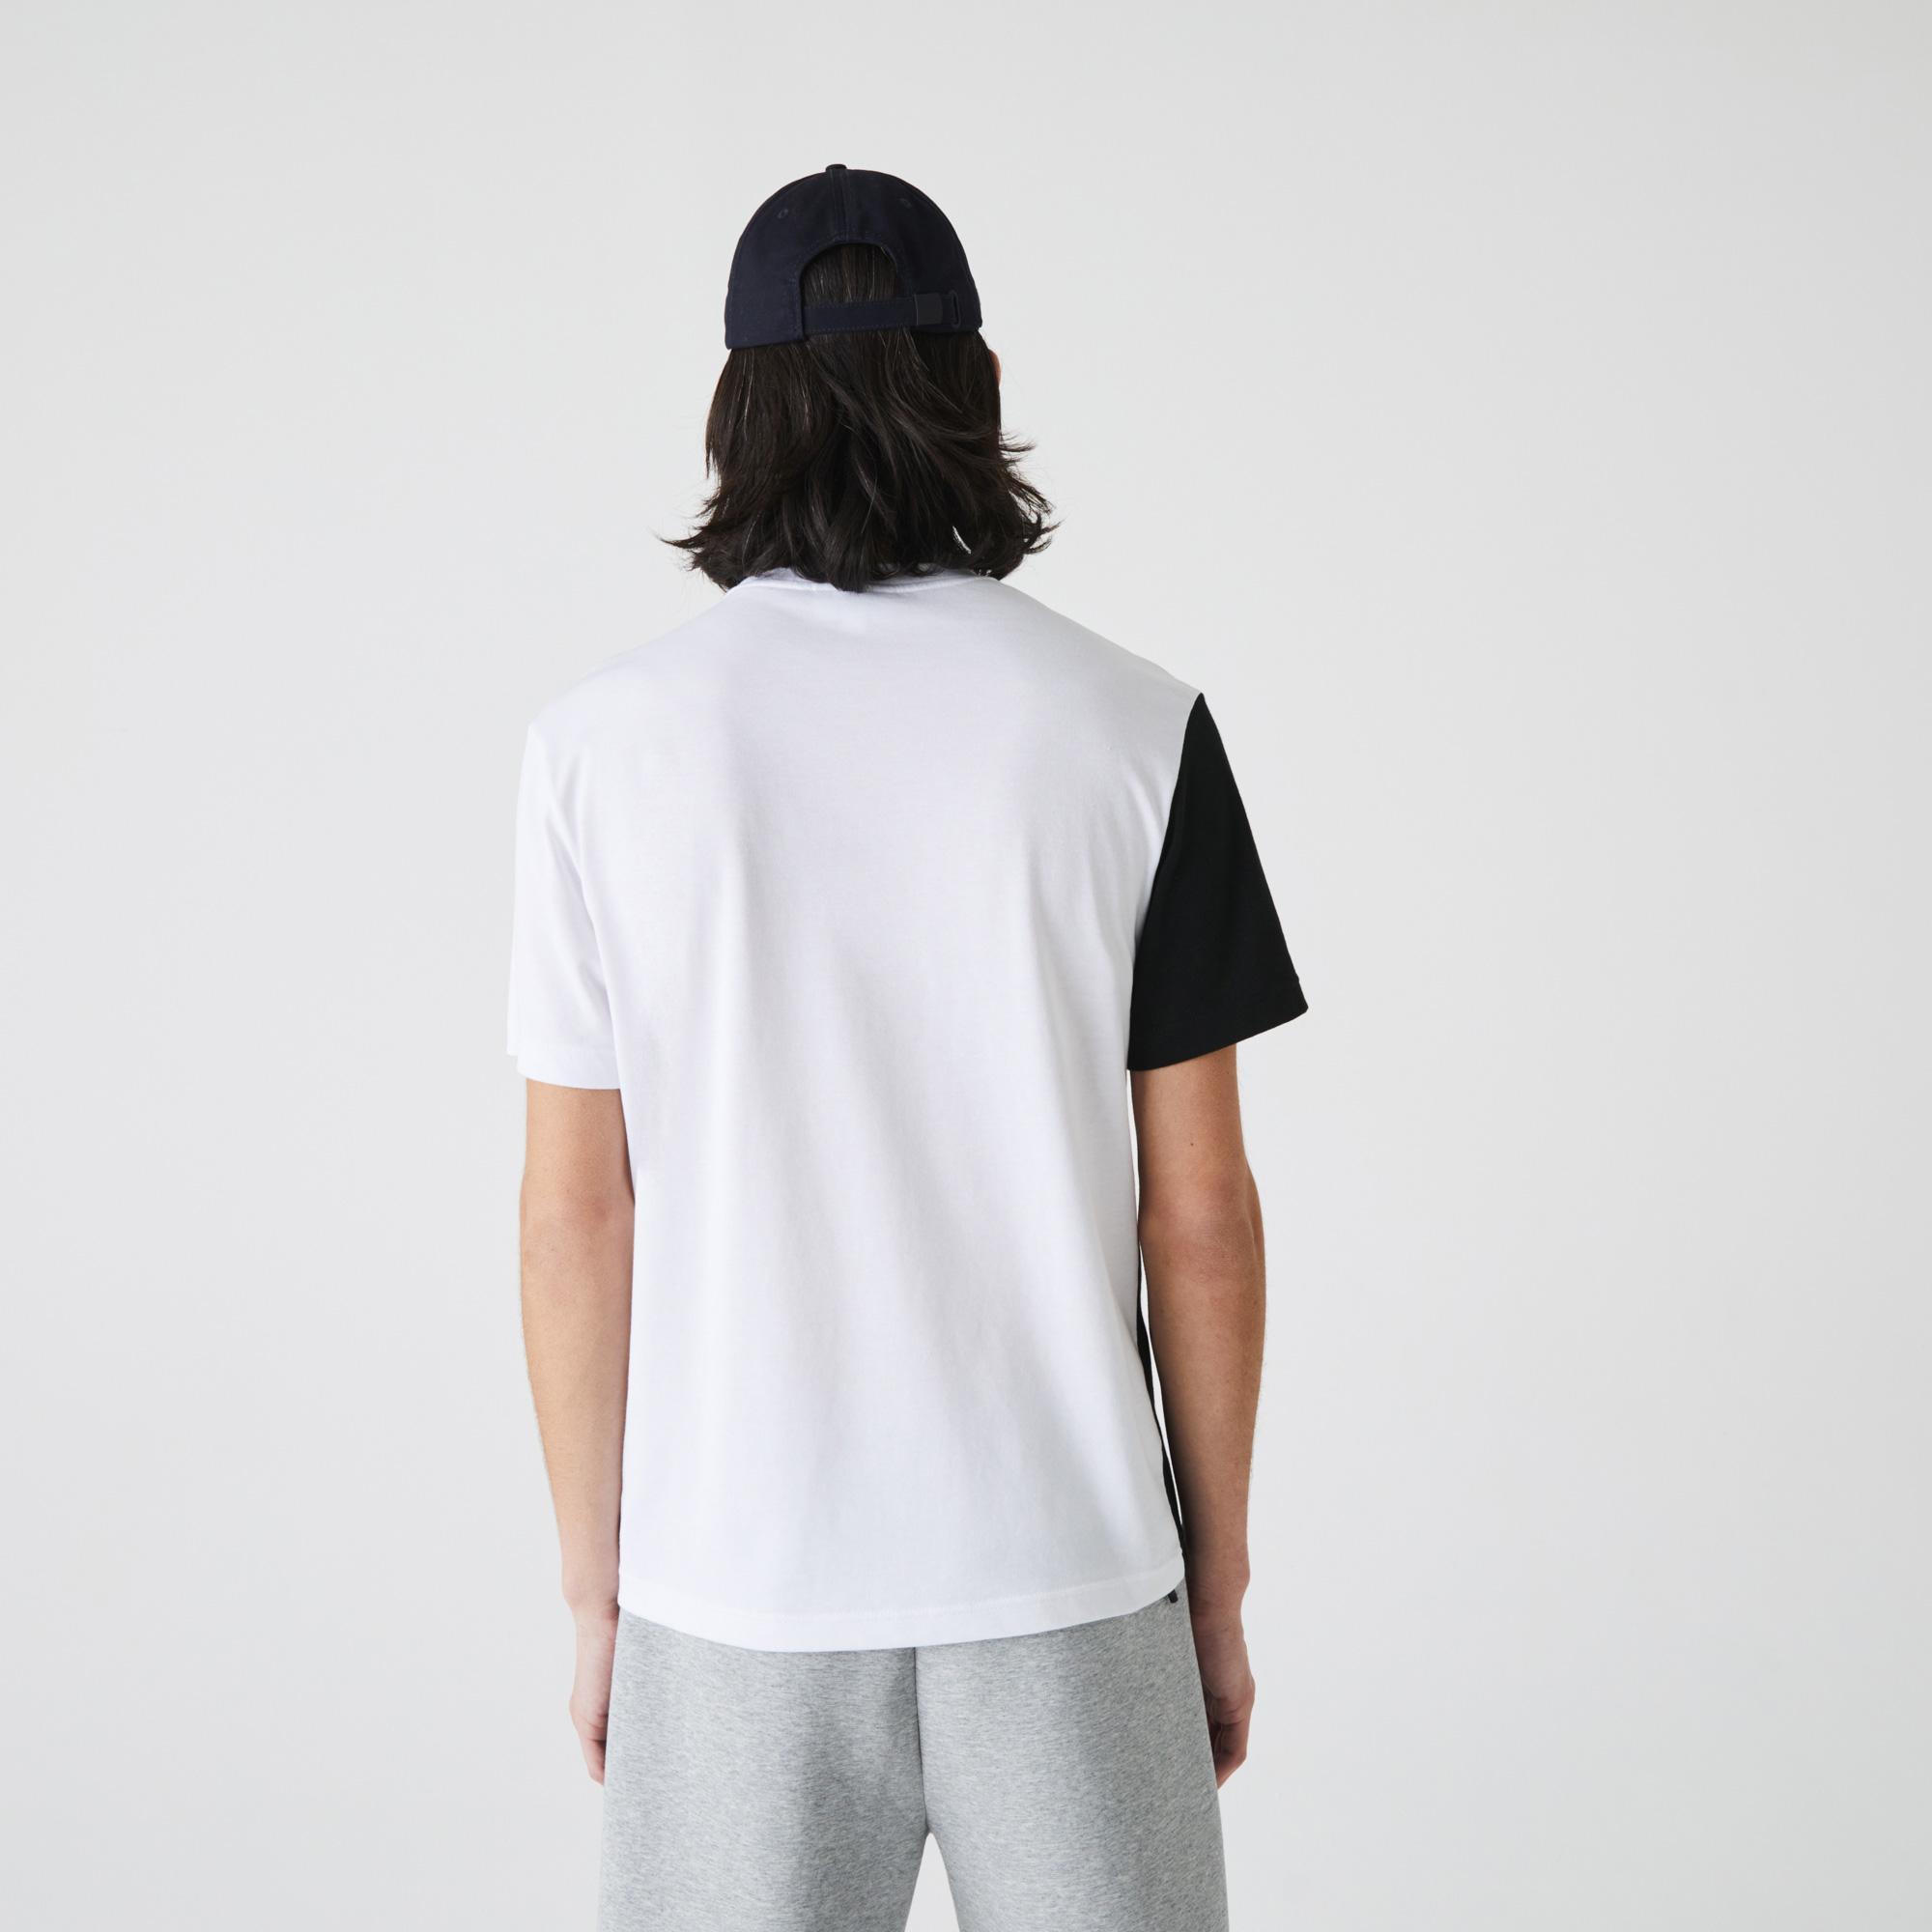 Lacoste Men's Crew Neck Lettering Colourblock T-shirt